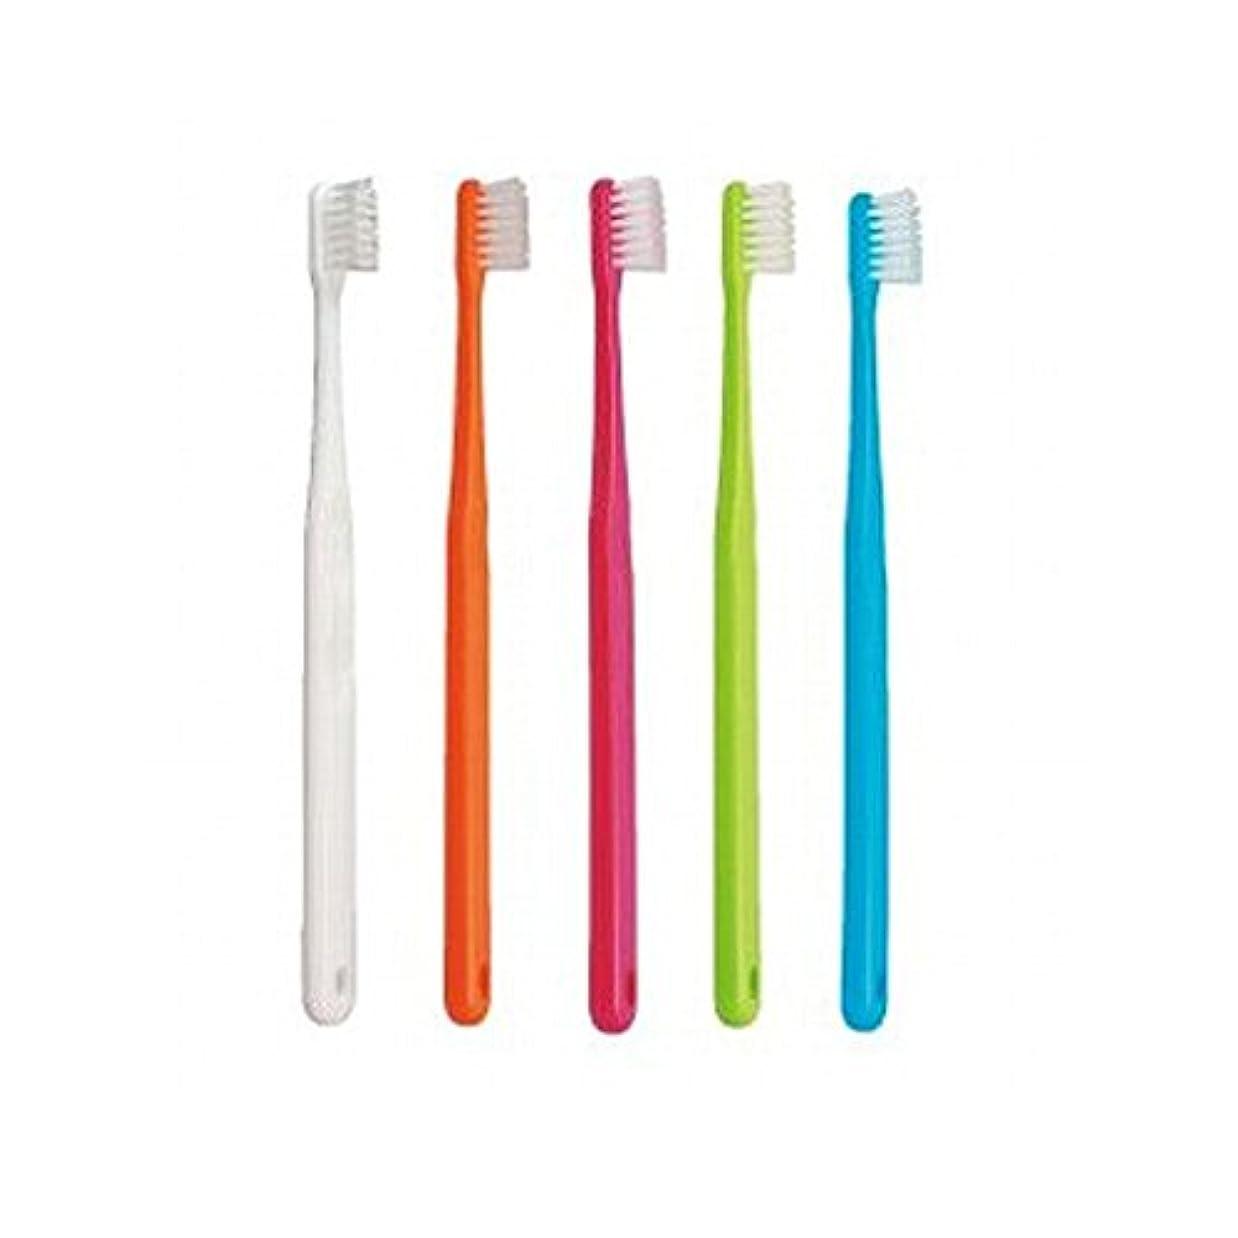 正確に出席彫刻家【Ci/シーアイ】【歯科用】Ci702 25本【歯ブラシ】【ふつう】【極薄ヘッド】ハンドルカラー5色選択不可